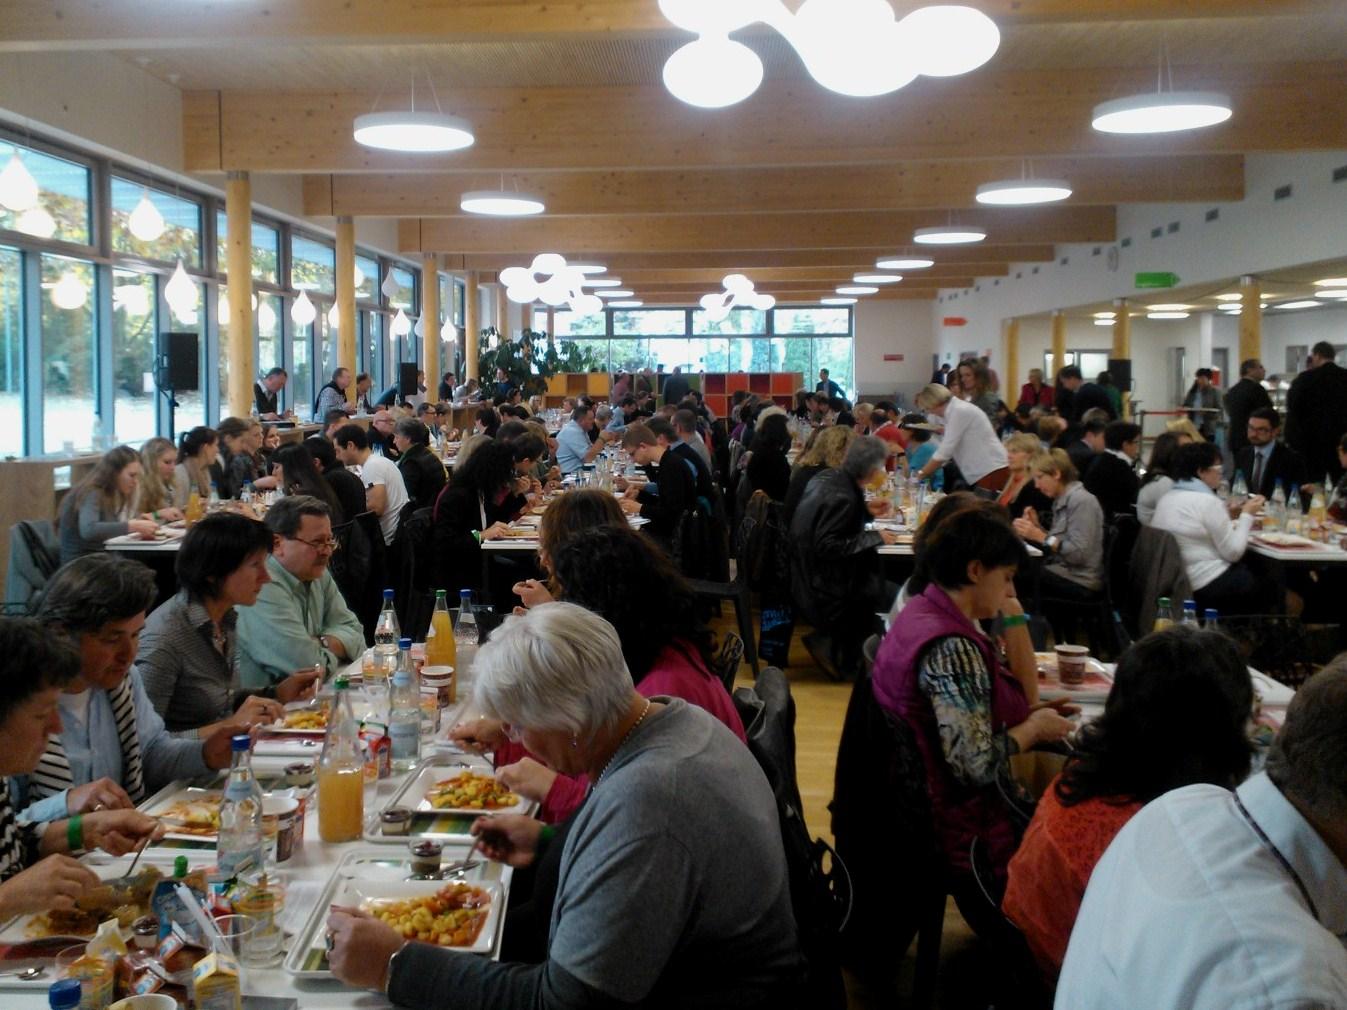 Kouluruokakonferenssi houkutteli paikalle yli 300 aiheesta kiinnostunutta.